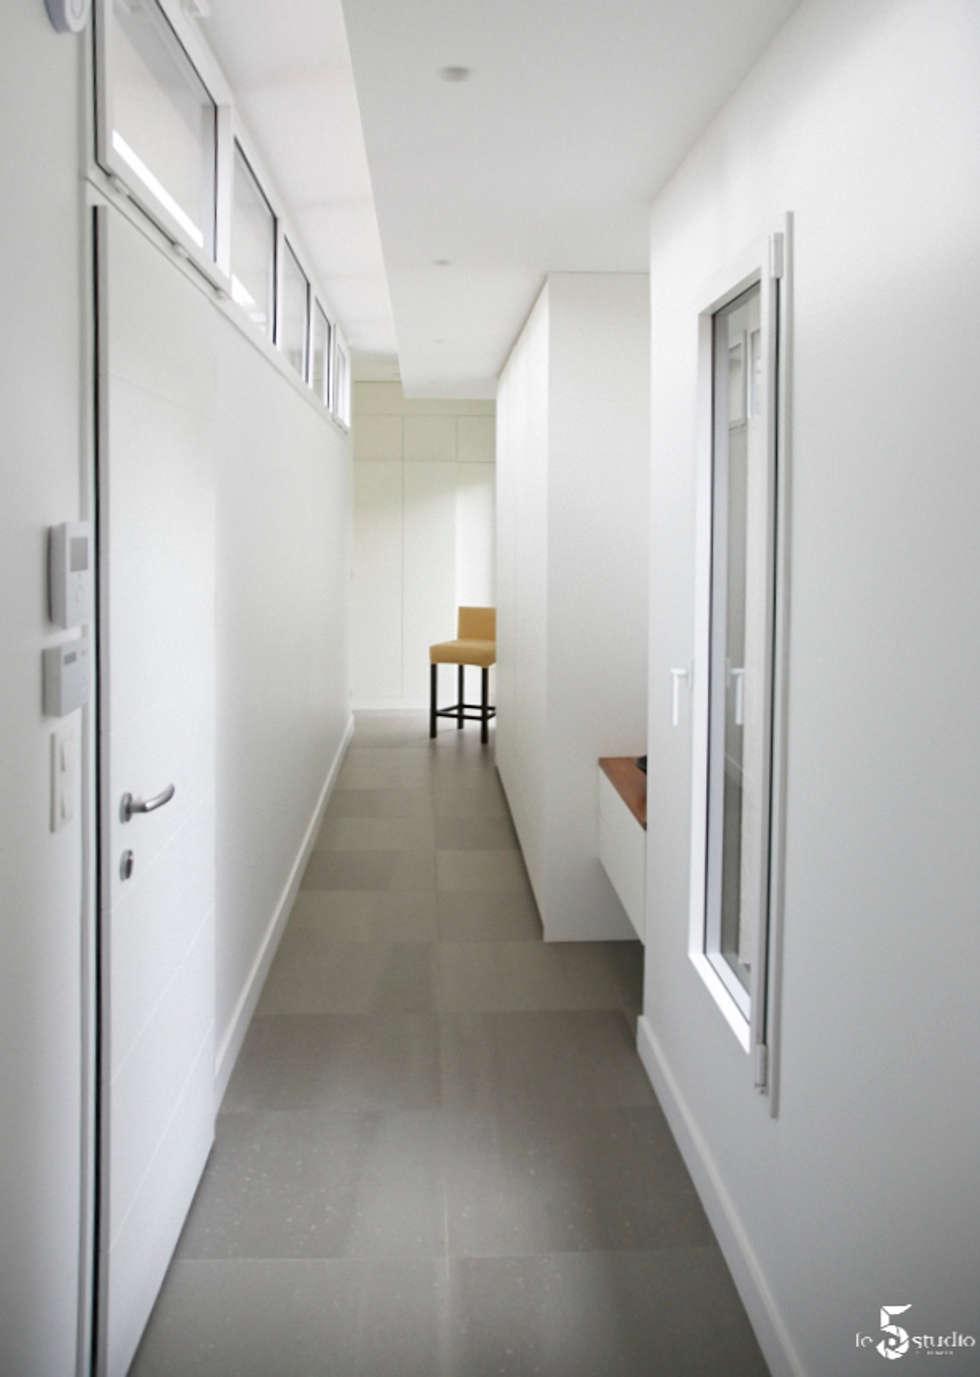 l'extension d'entrée: Couloir et hall d'entrée de style  par Emilie Bigorne, architecte d'intérieur CFAI